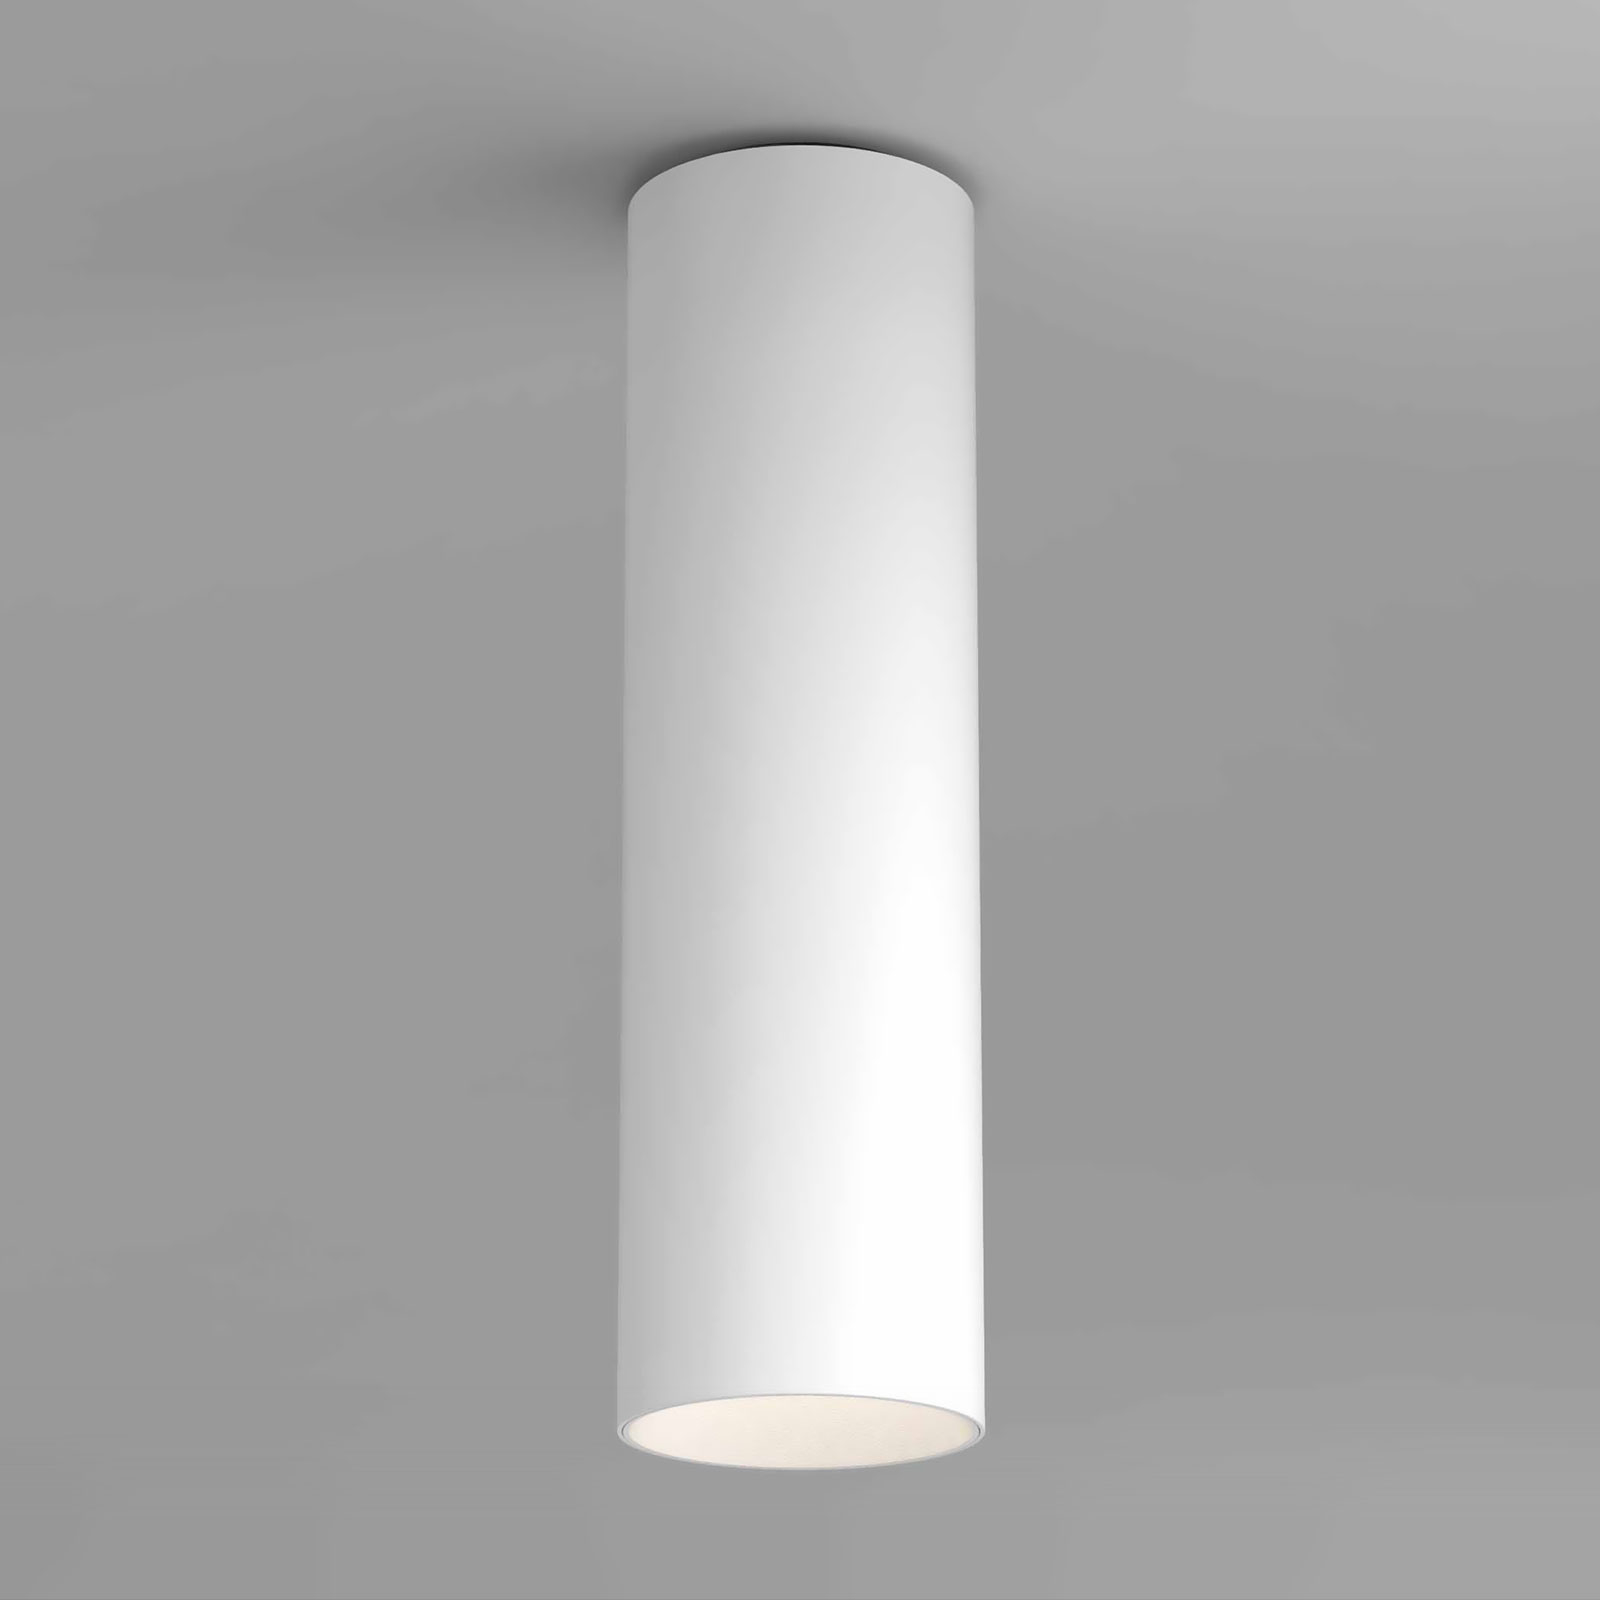 Astro Yuma Surface LED-Deckenleuchte weiß matt